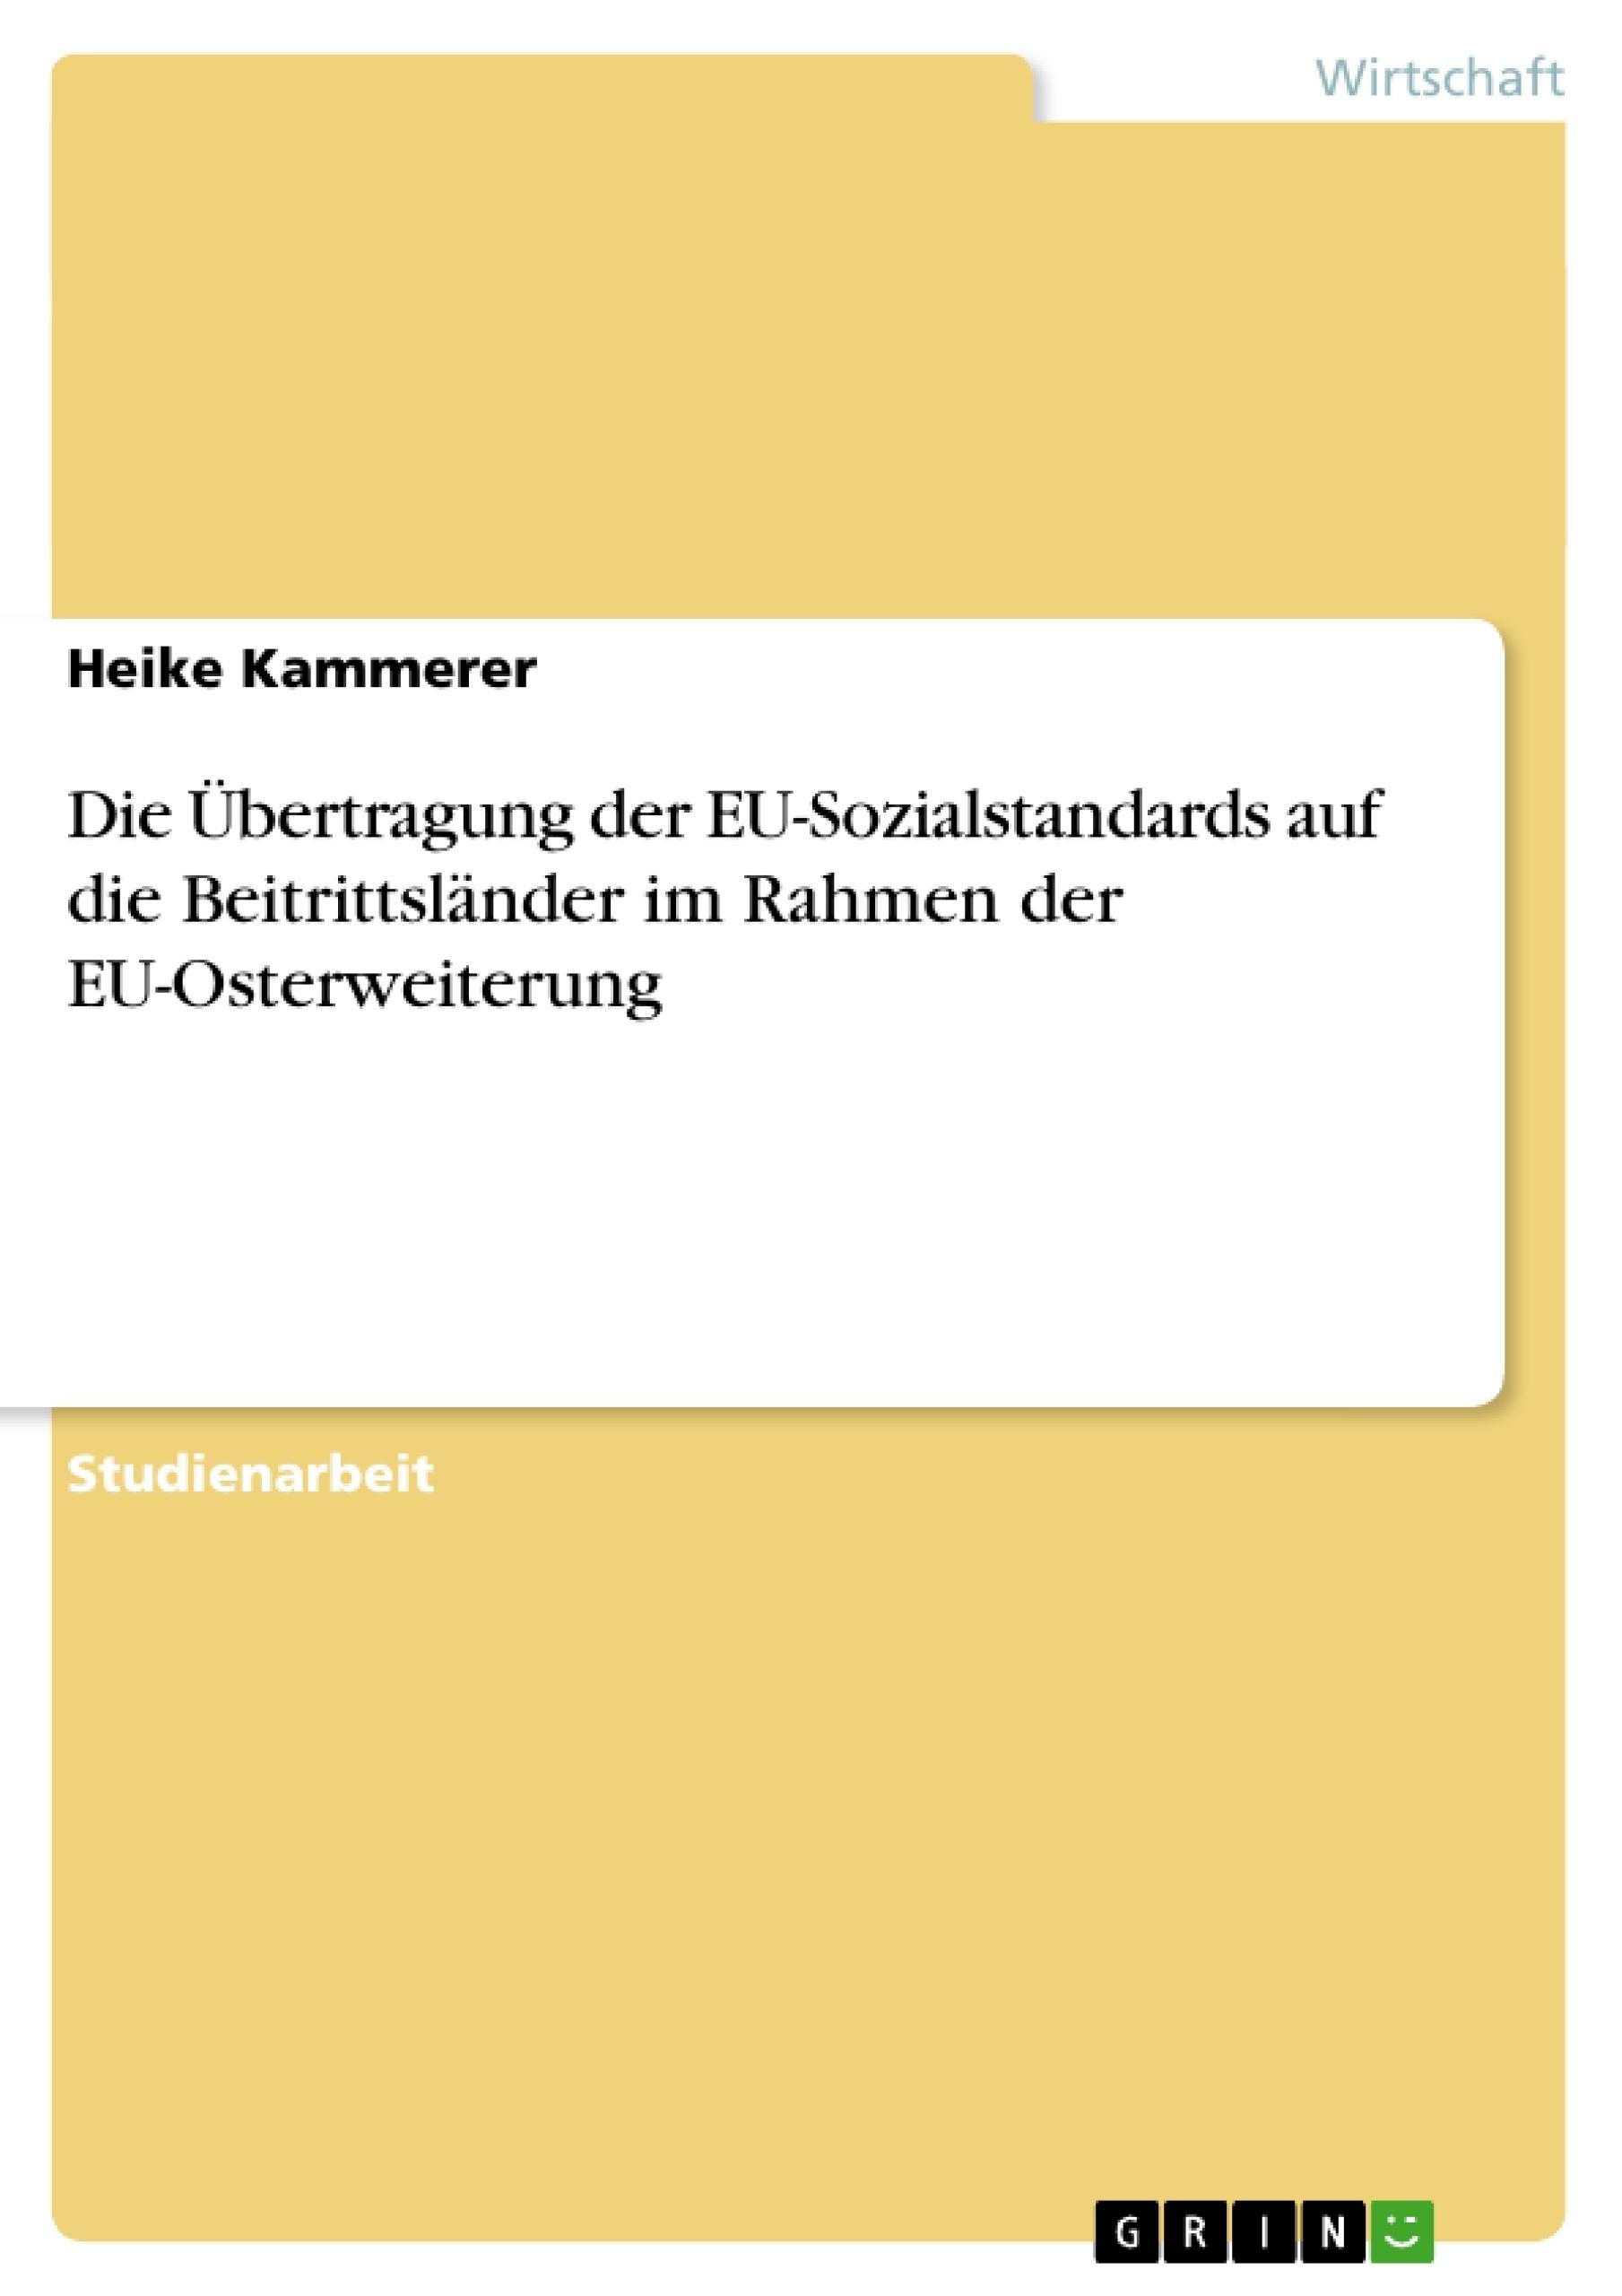 Titel: Die Übertragung der EU-Sozialstandards auf die Beitrittsländer im Rahmen der EU-Osterweiterung